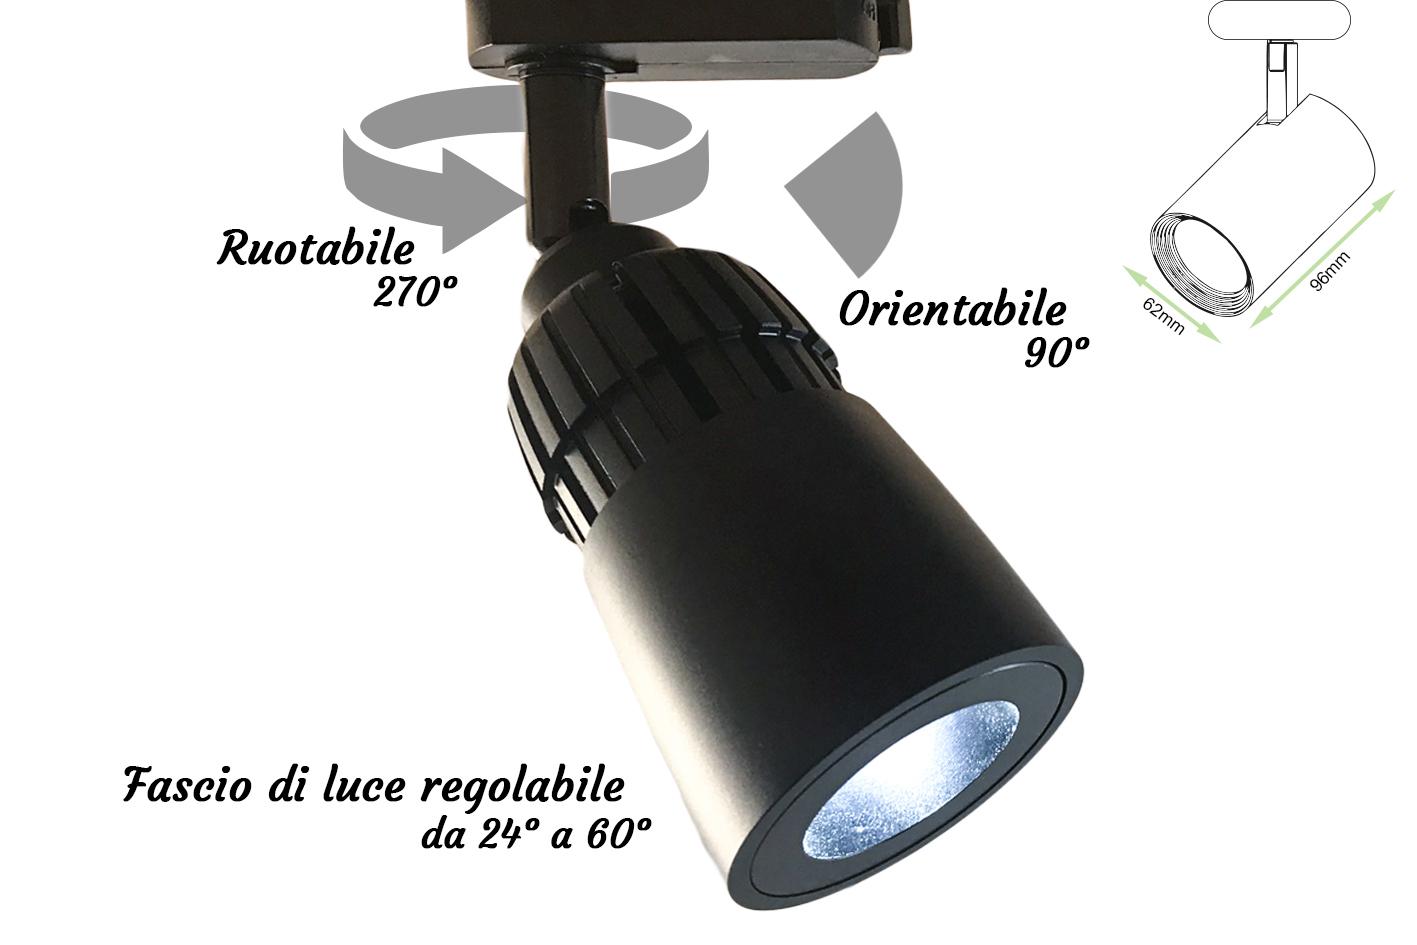 Faro Lampada Led A Binario 10W Bianco Neutro Angolo Luce Regolabile Da 24 a 60 Gradi Corpo Carcassa Nero - PZ